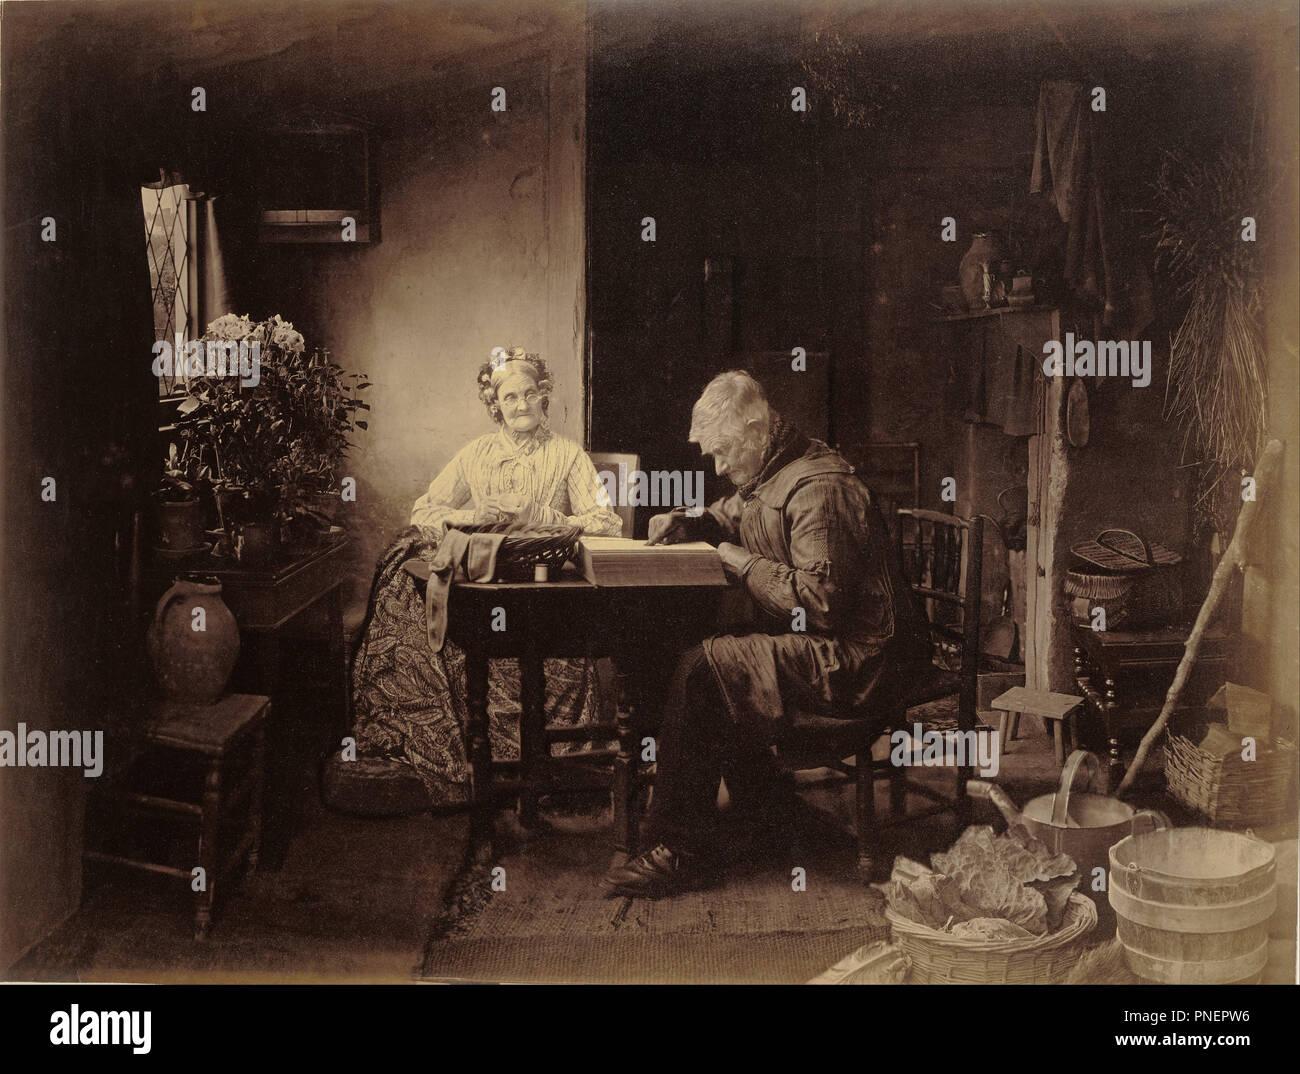 Print 1877 Stock Photos & Print 1877 Stock Images - Alamy